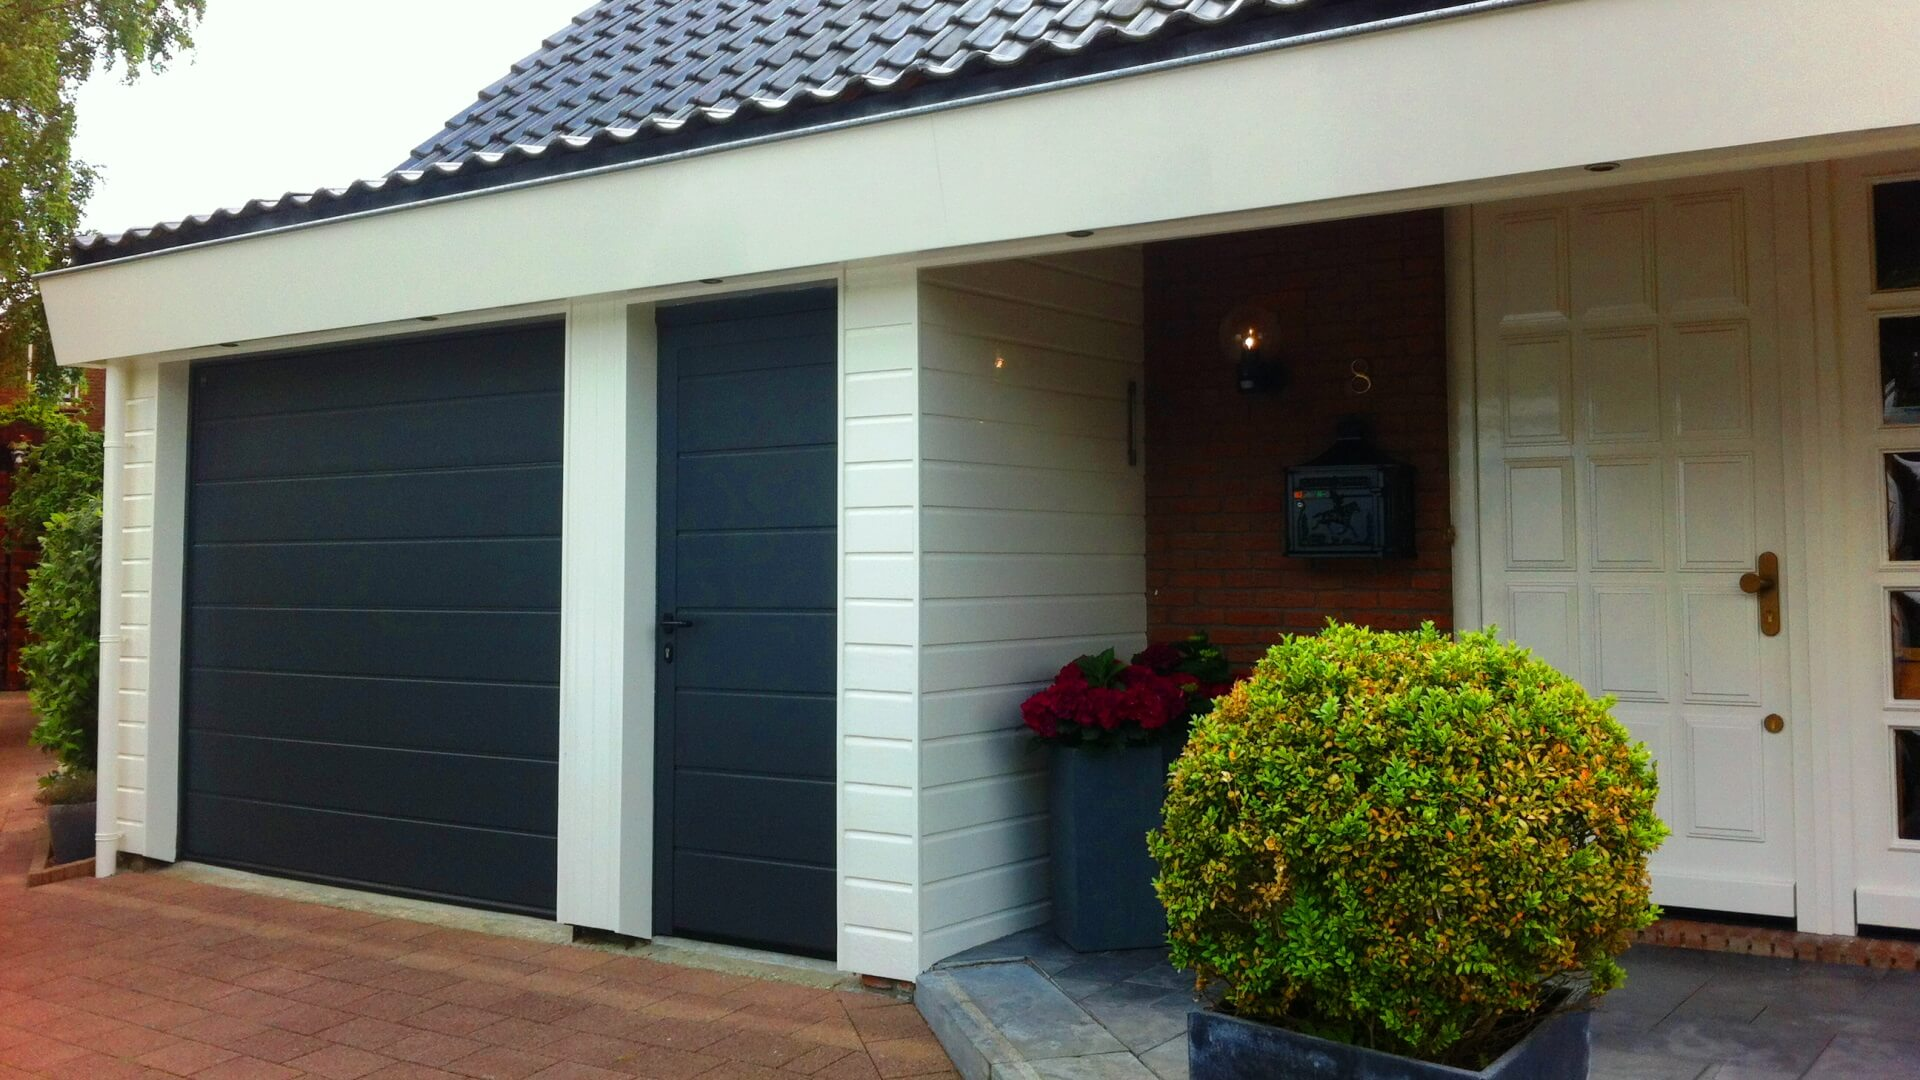 garagdeur-groningen-voordeur-bedrijfsdeur-sectionaaldeur-groningen